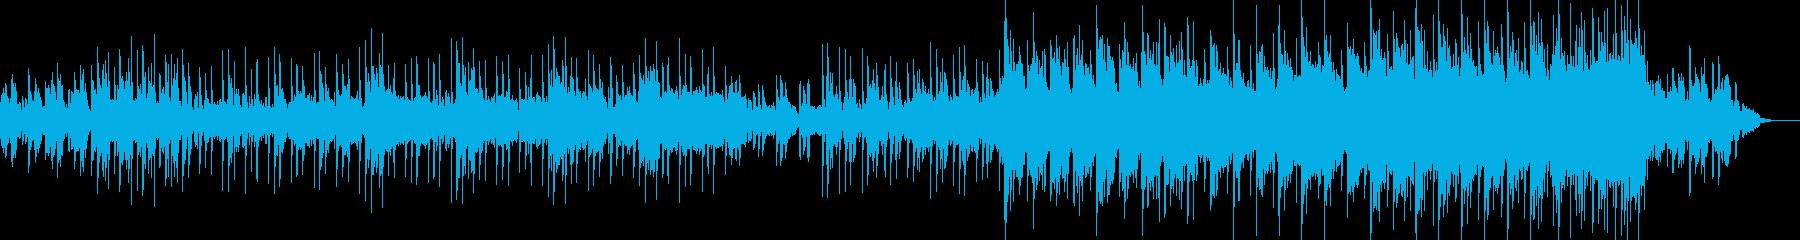 暗い深層や深海に落ちるようなダークな曲の再生済みの波形